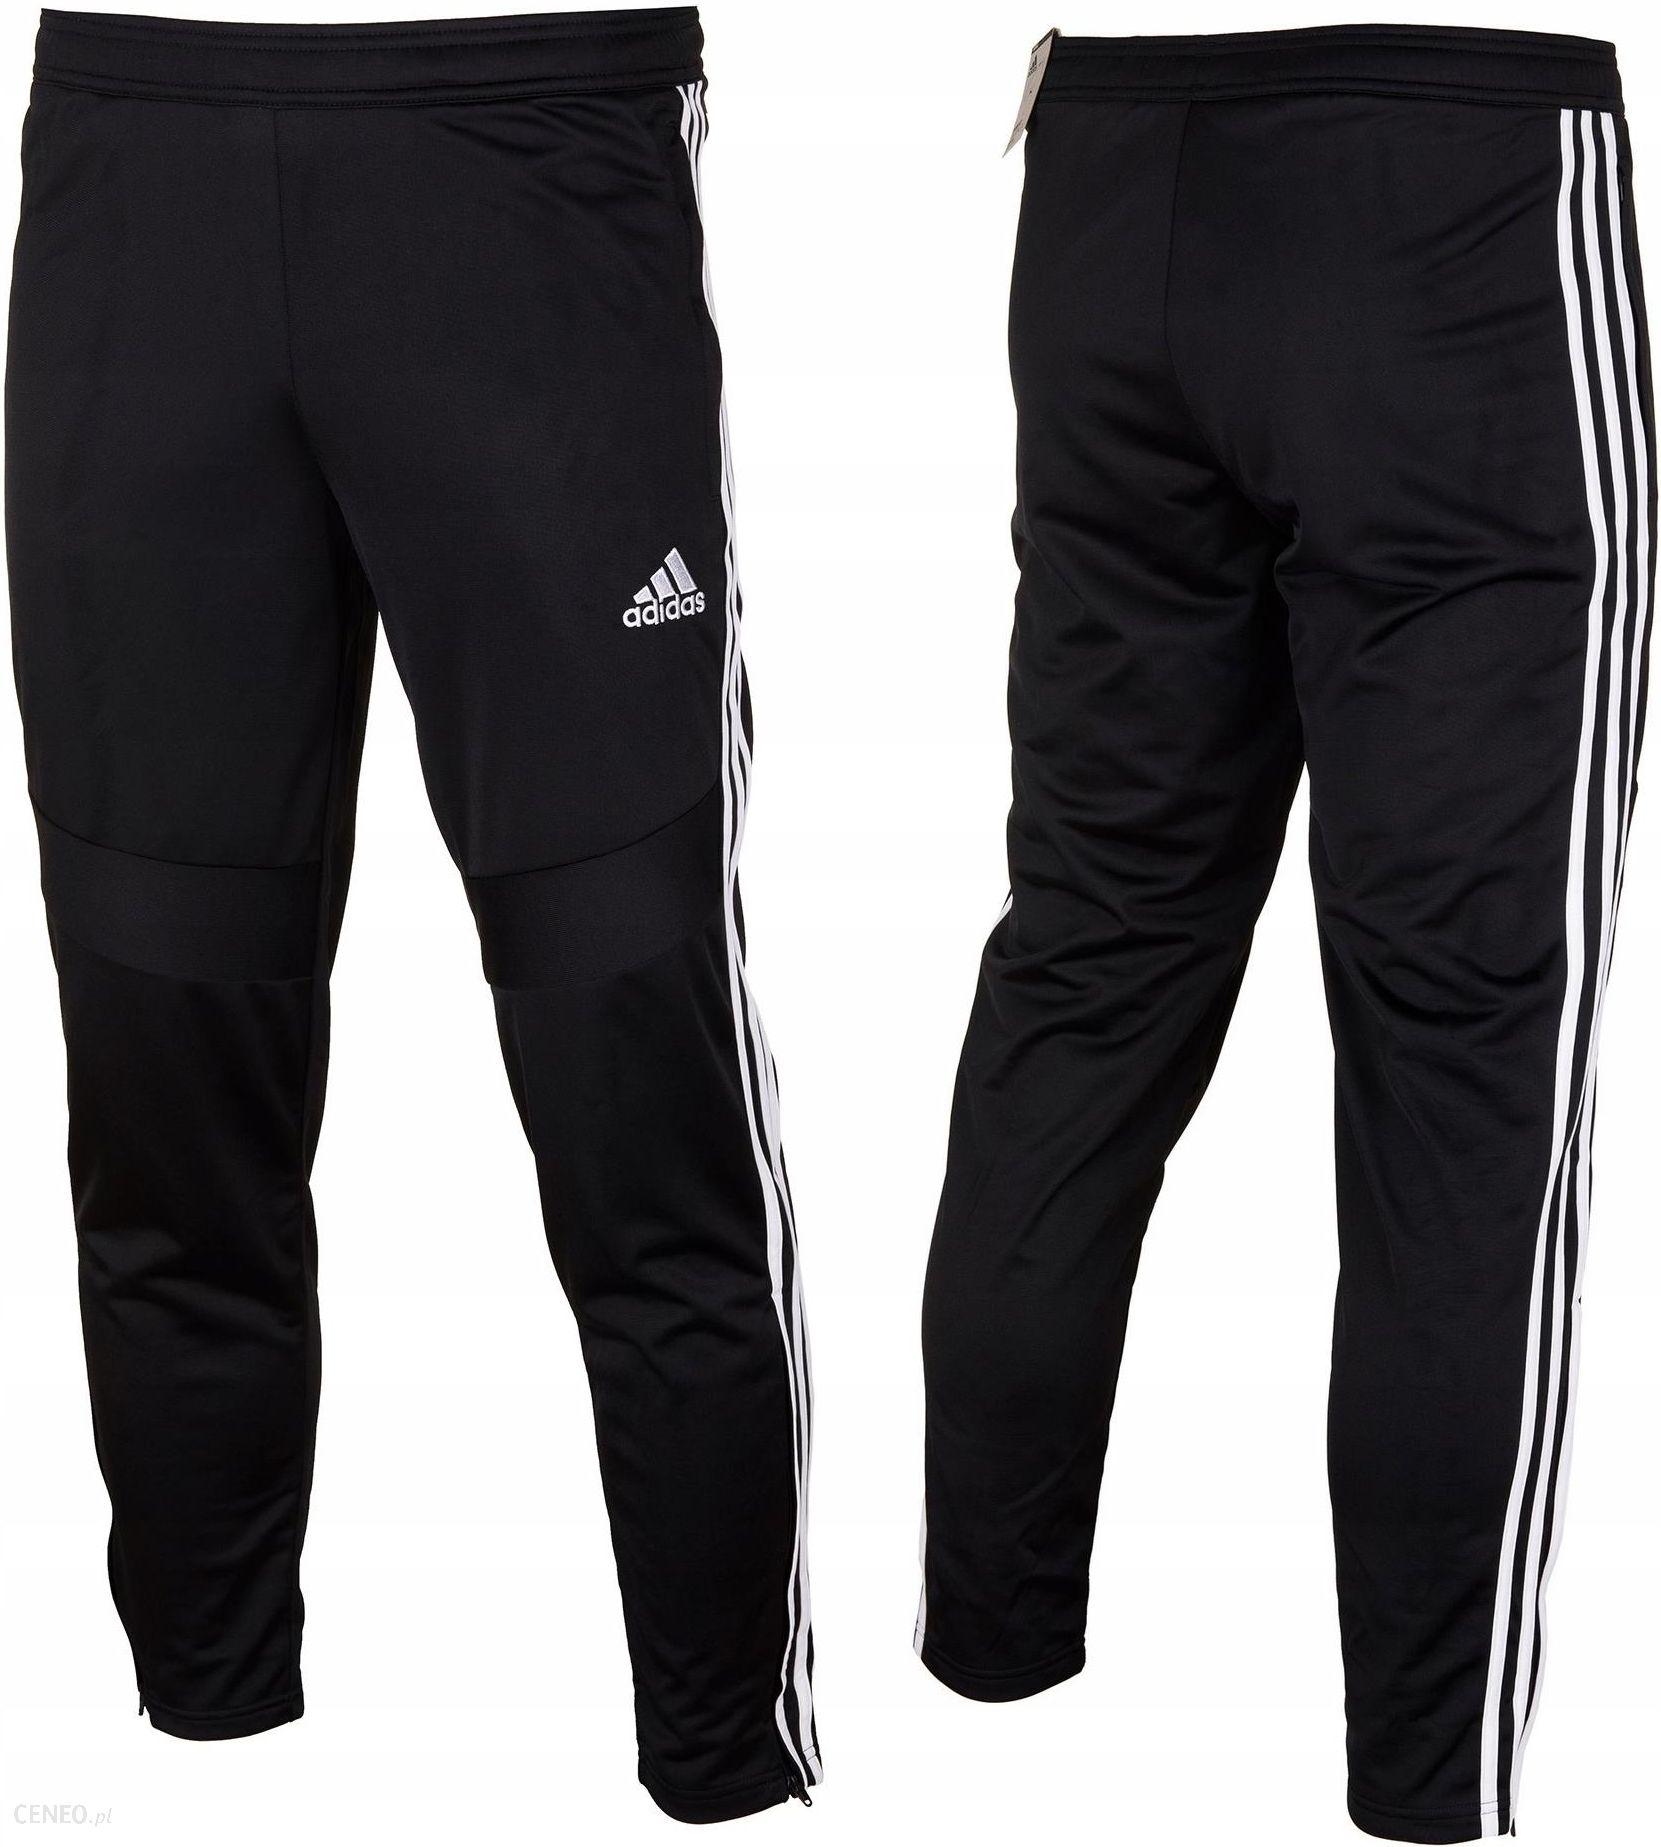 Adidas spodnie dresowe dresy Junior TIRO 19 r. 152